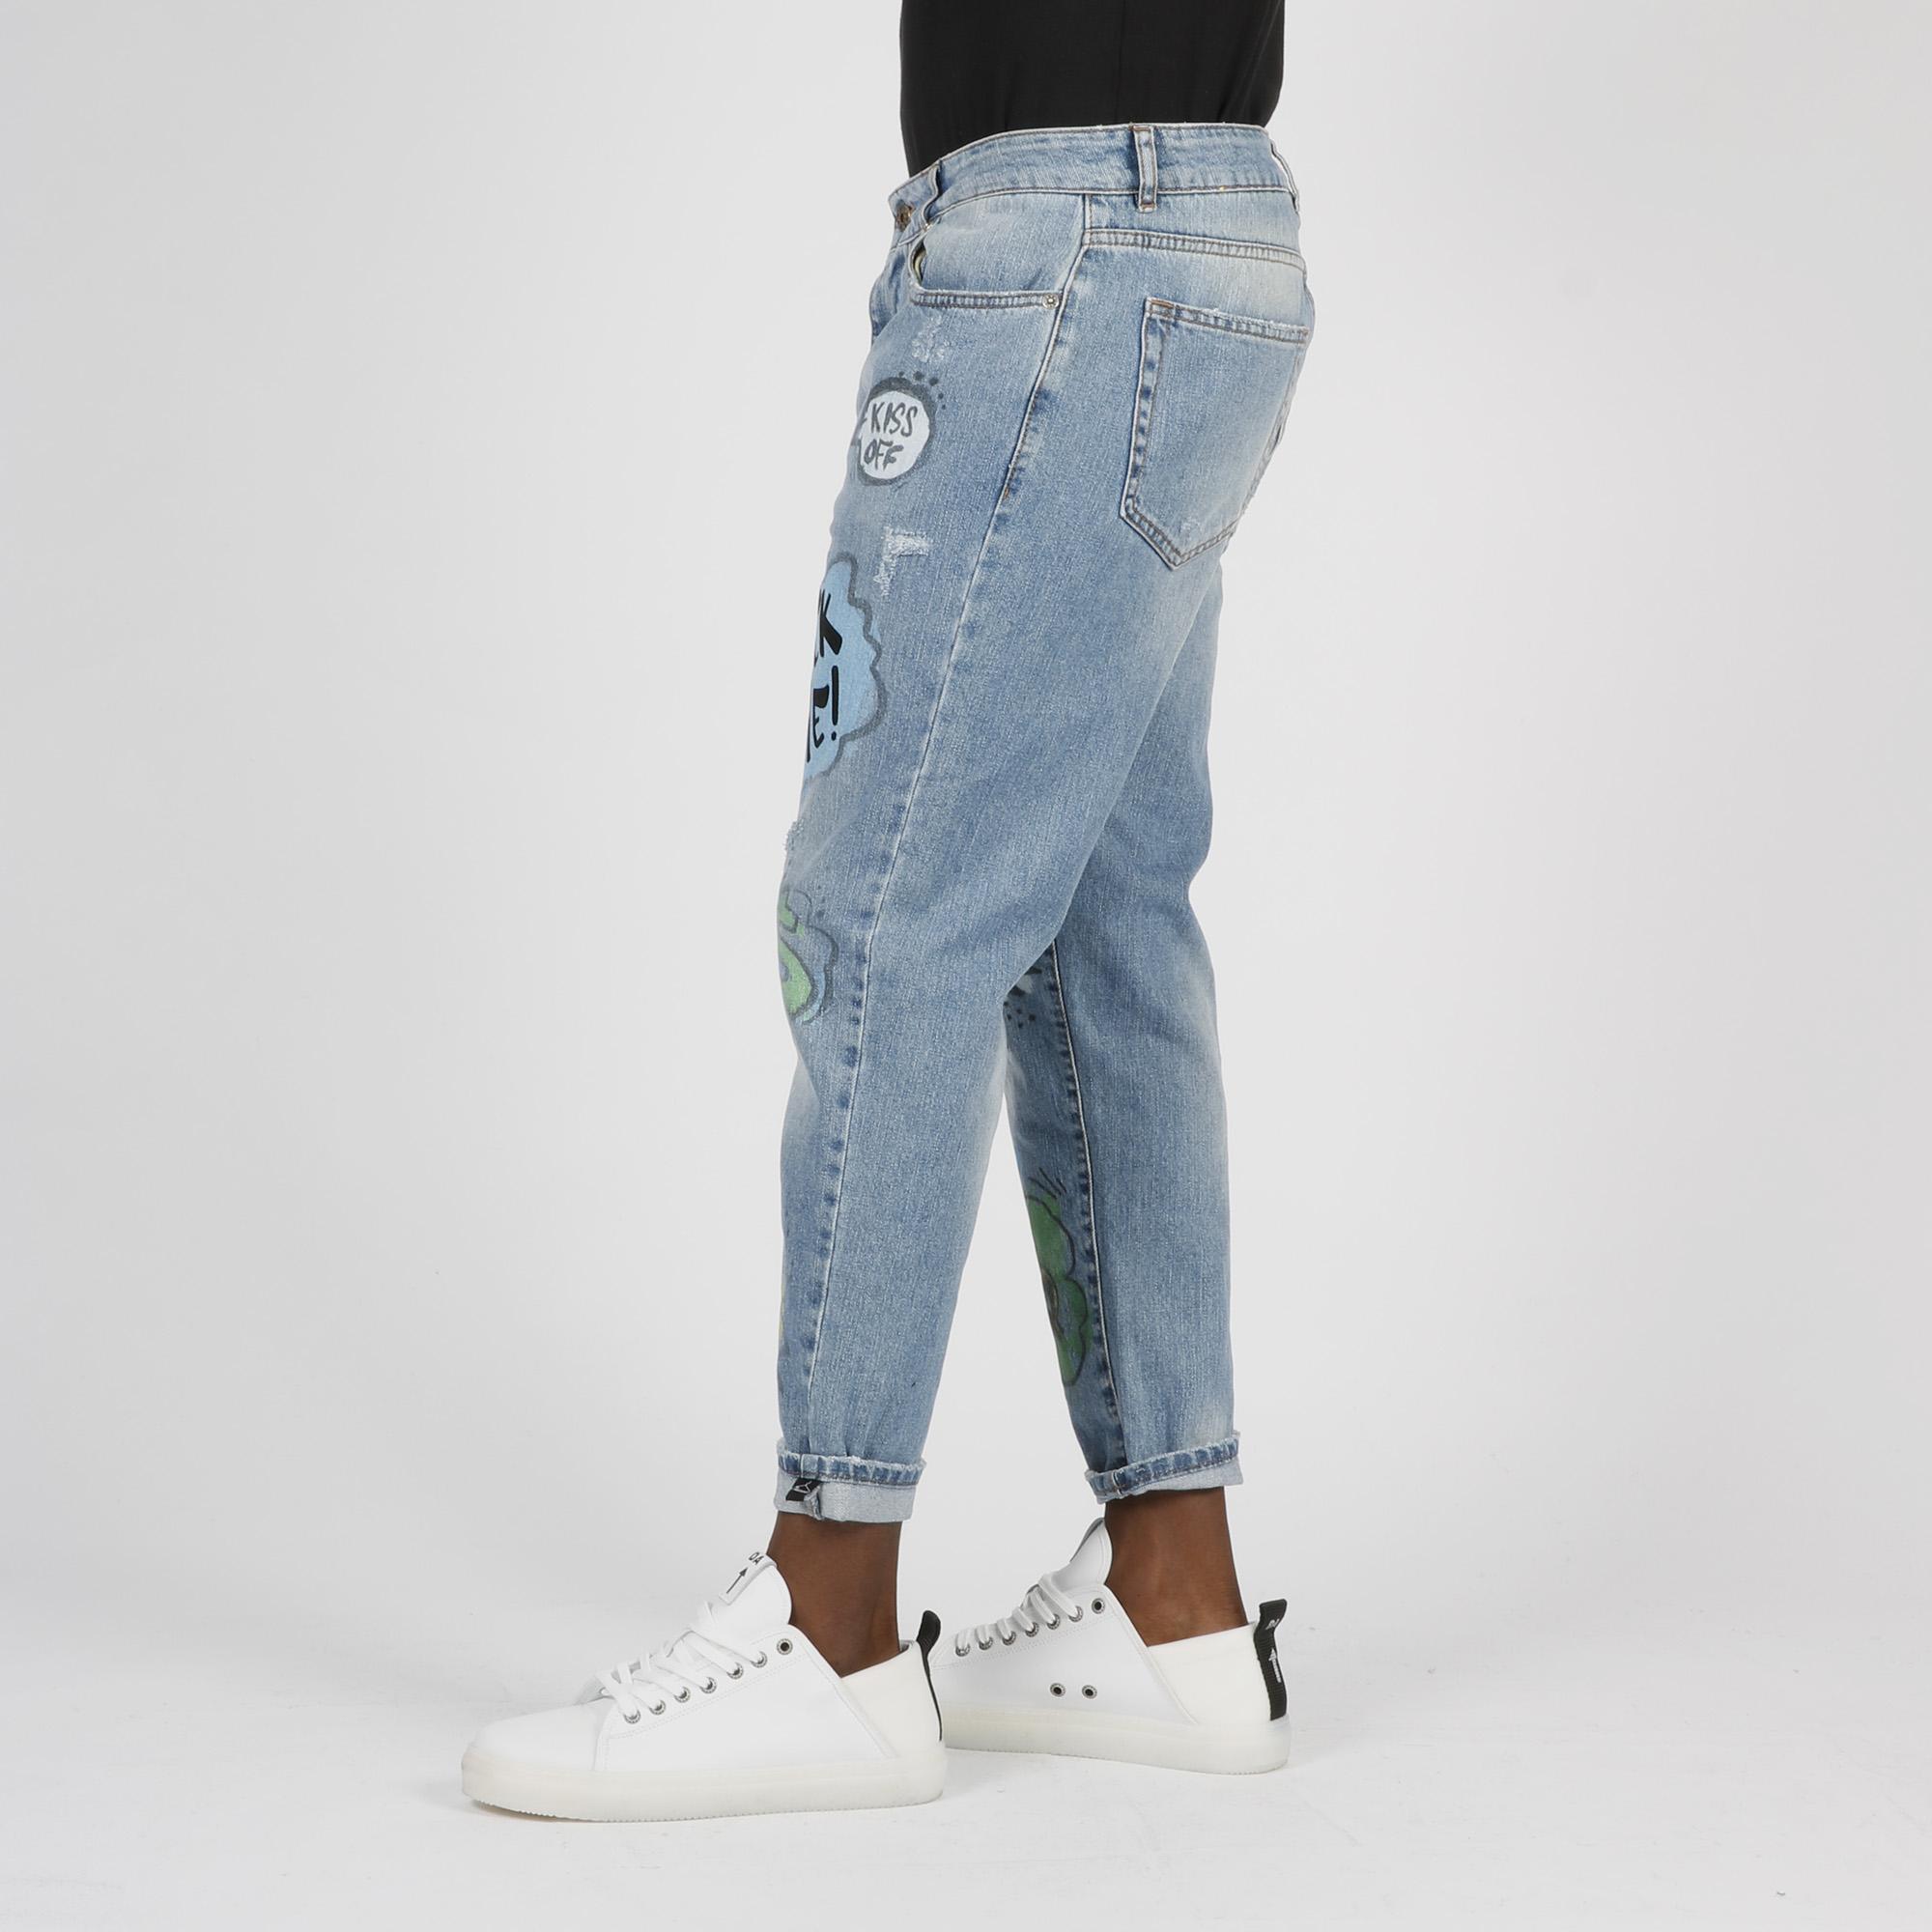 Jeans graffiti - Denim